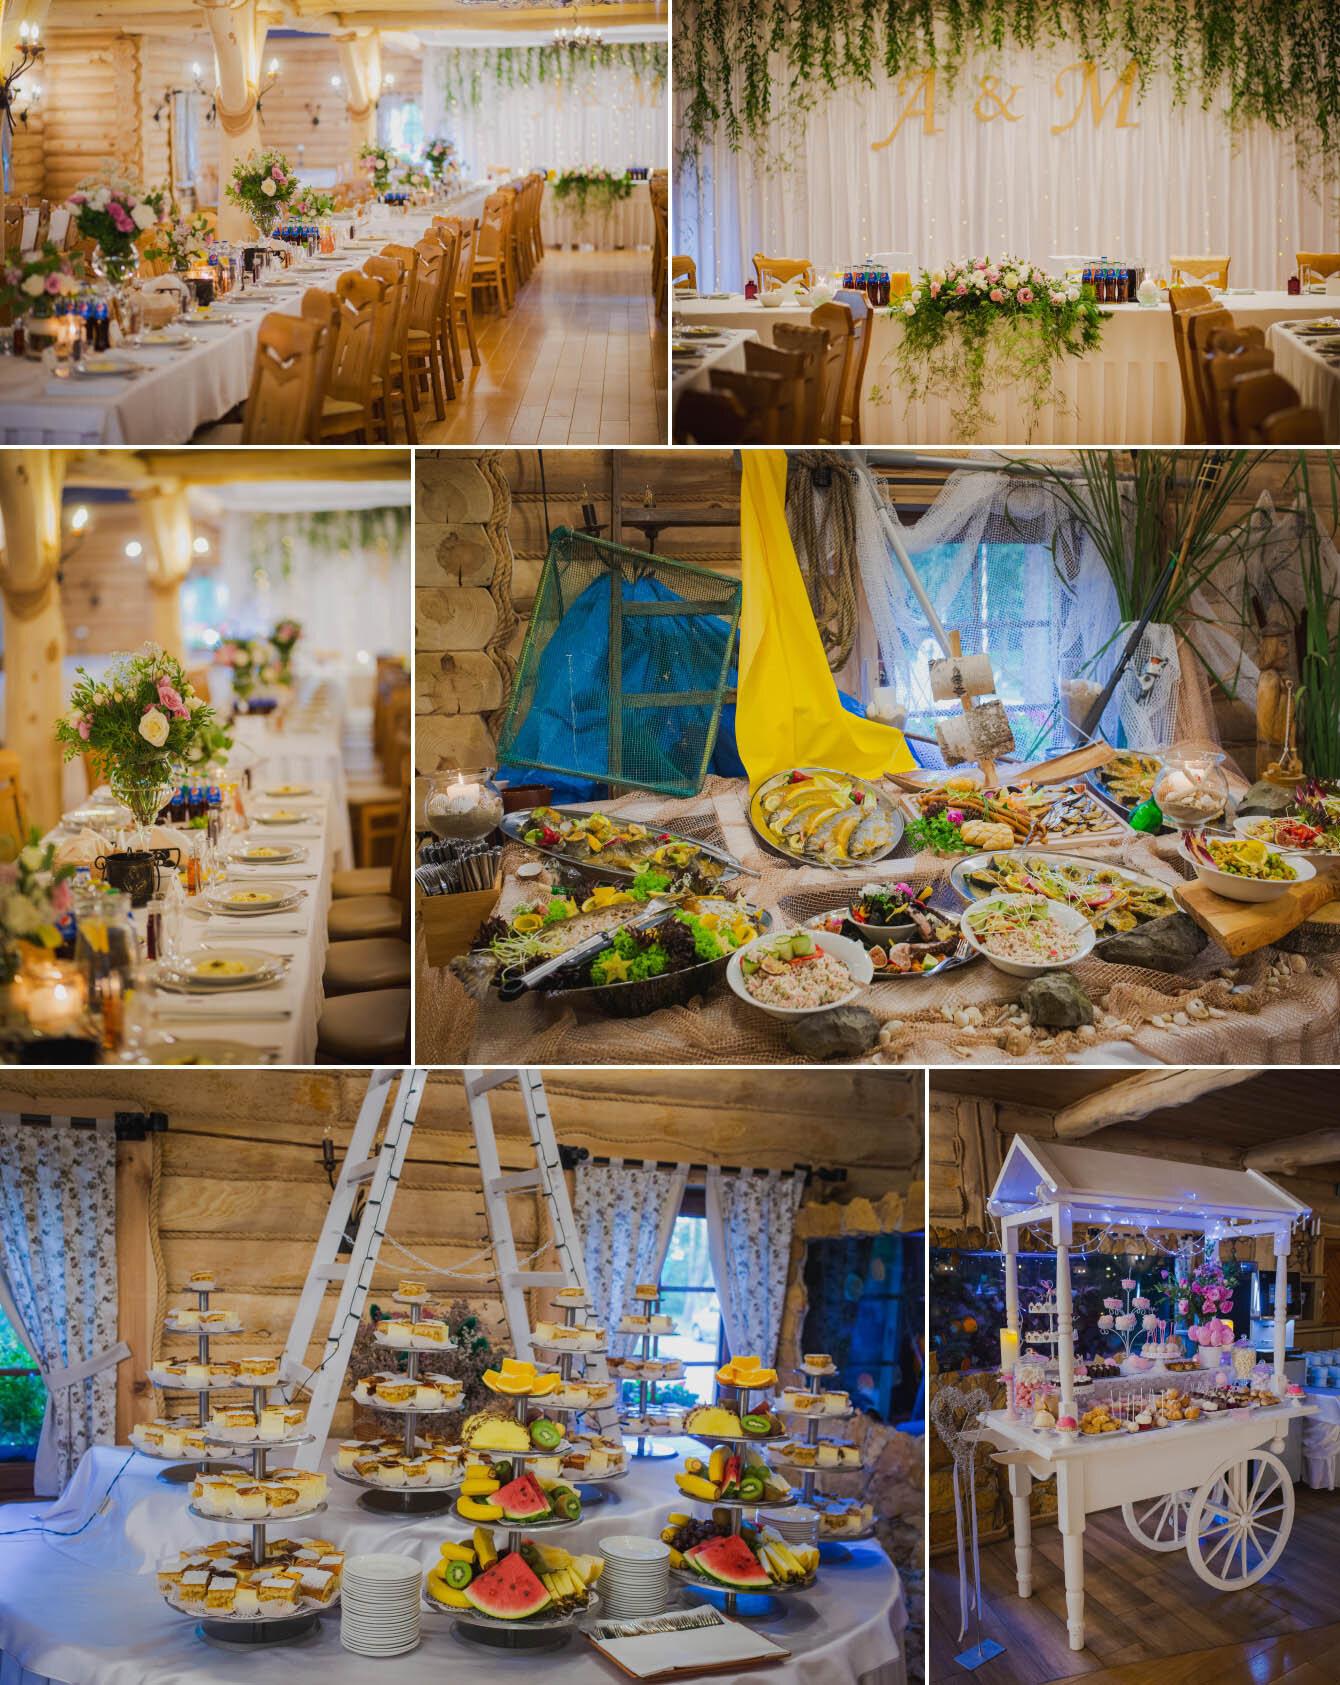 Fotografie ślubne Marka i Angeliki w domu weselnym pod Grzybkiem fotograf Bartek Wyrobek  20.jpg